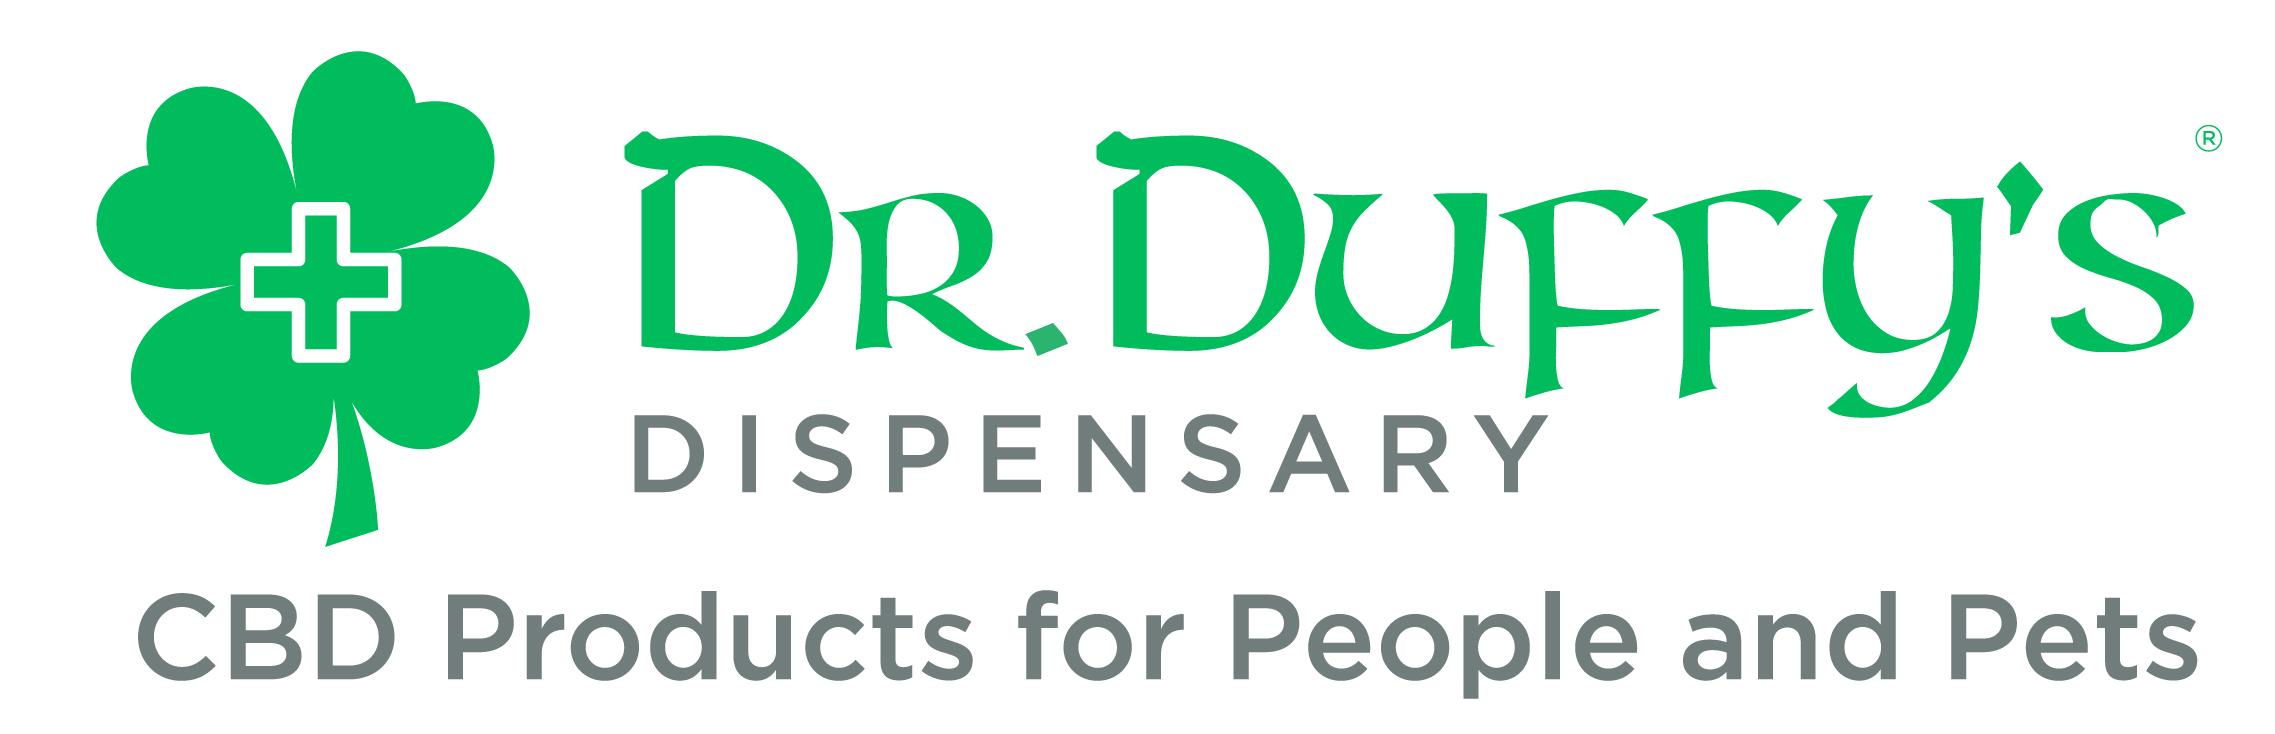 DDD logo w tag-01